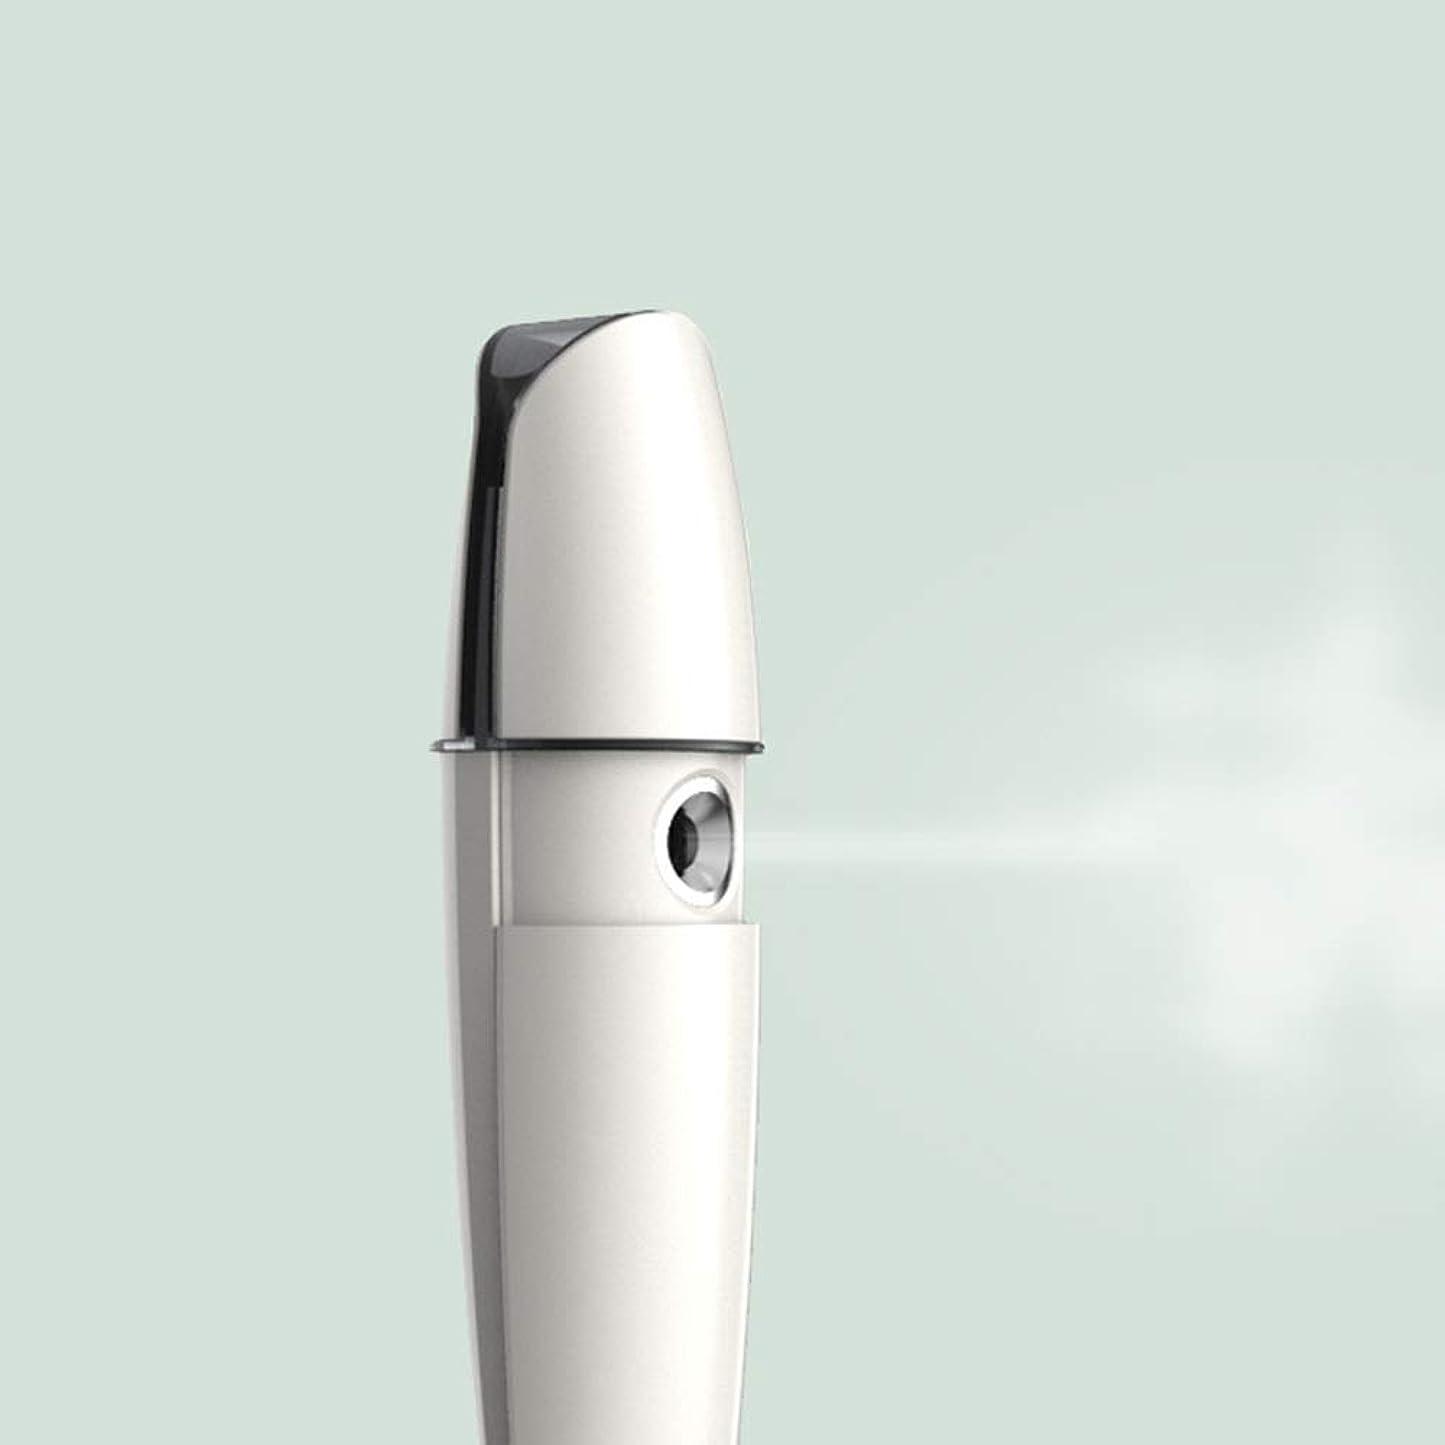 見せます挽く賛美歌ZXF 充電式コールドスプレー機家庭用スチームフェイス美容機器ナノスプレーフェイス加湿水道メーターホワイトABS素材 滑らかである